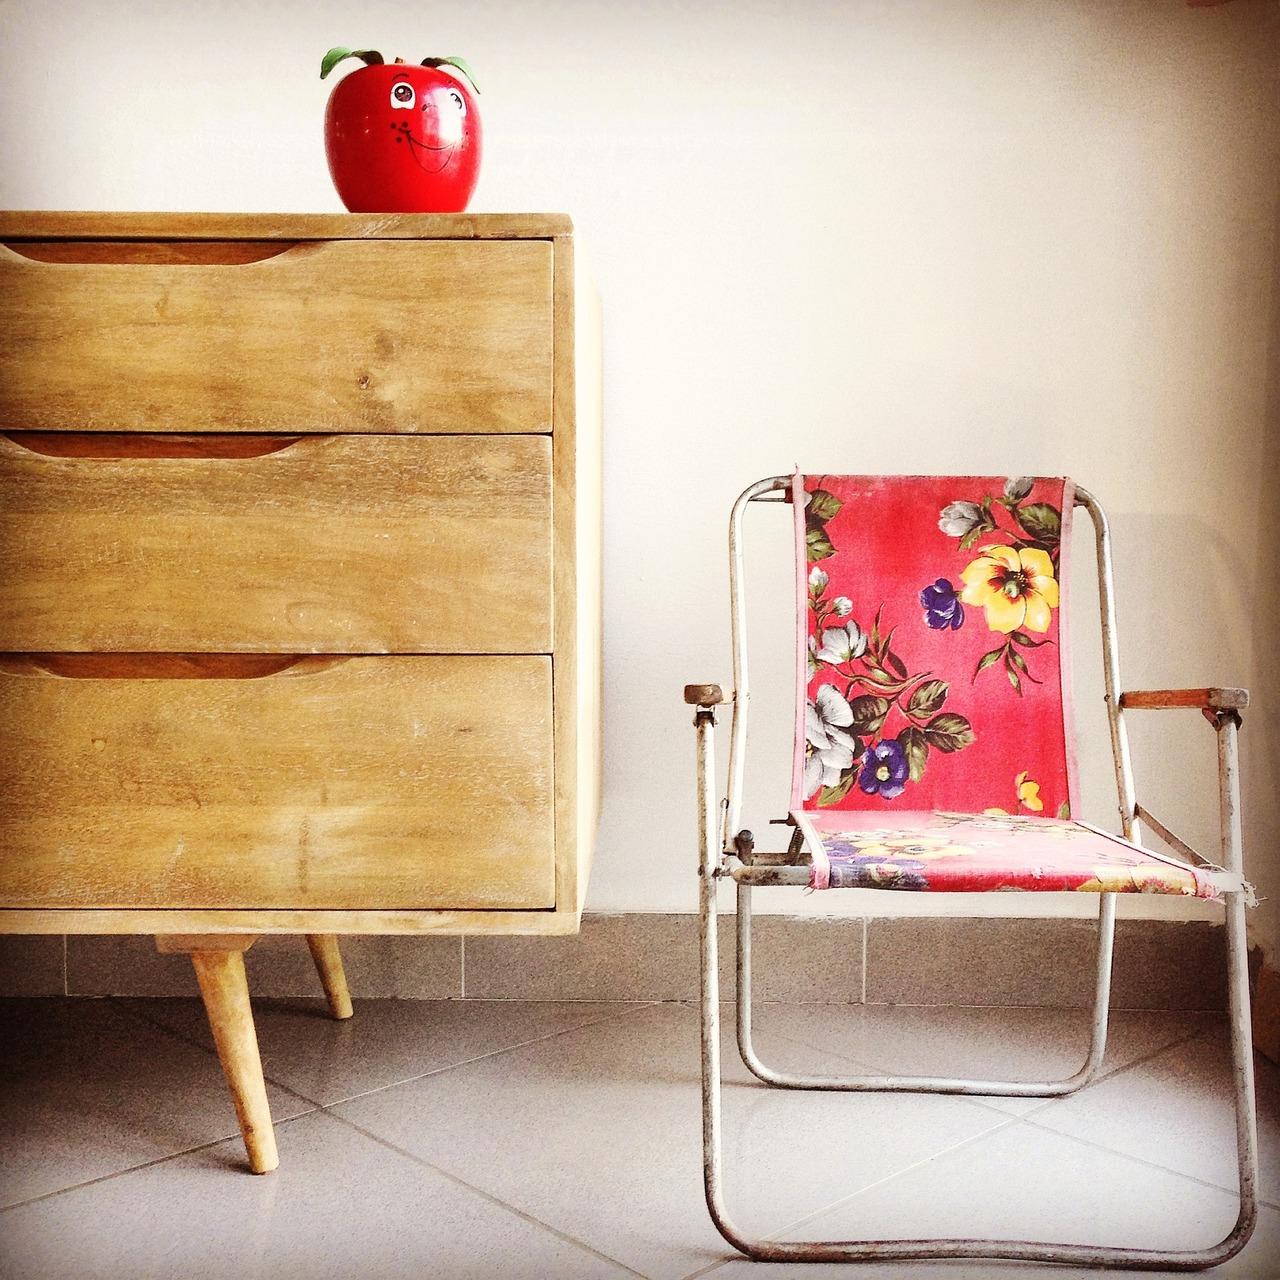 alte m bel kaufen so richtest du deine wohnung nachhaltig ein. Black Bedroom Furniture Sets. Home Design Ideas